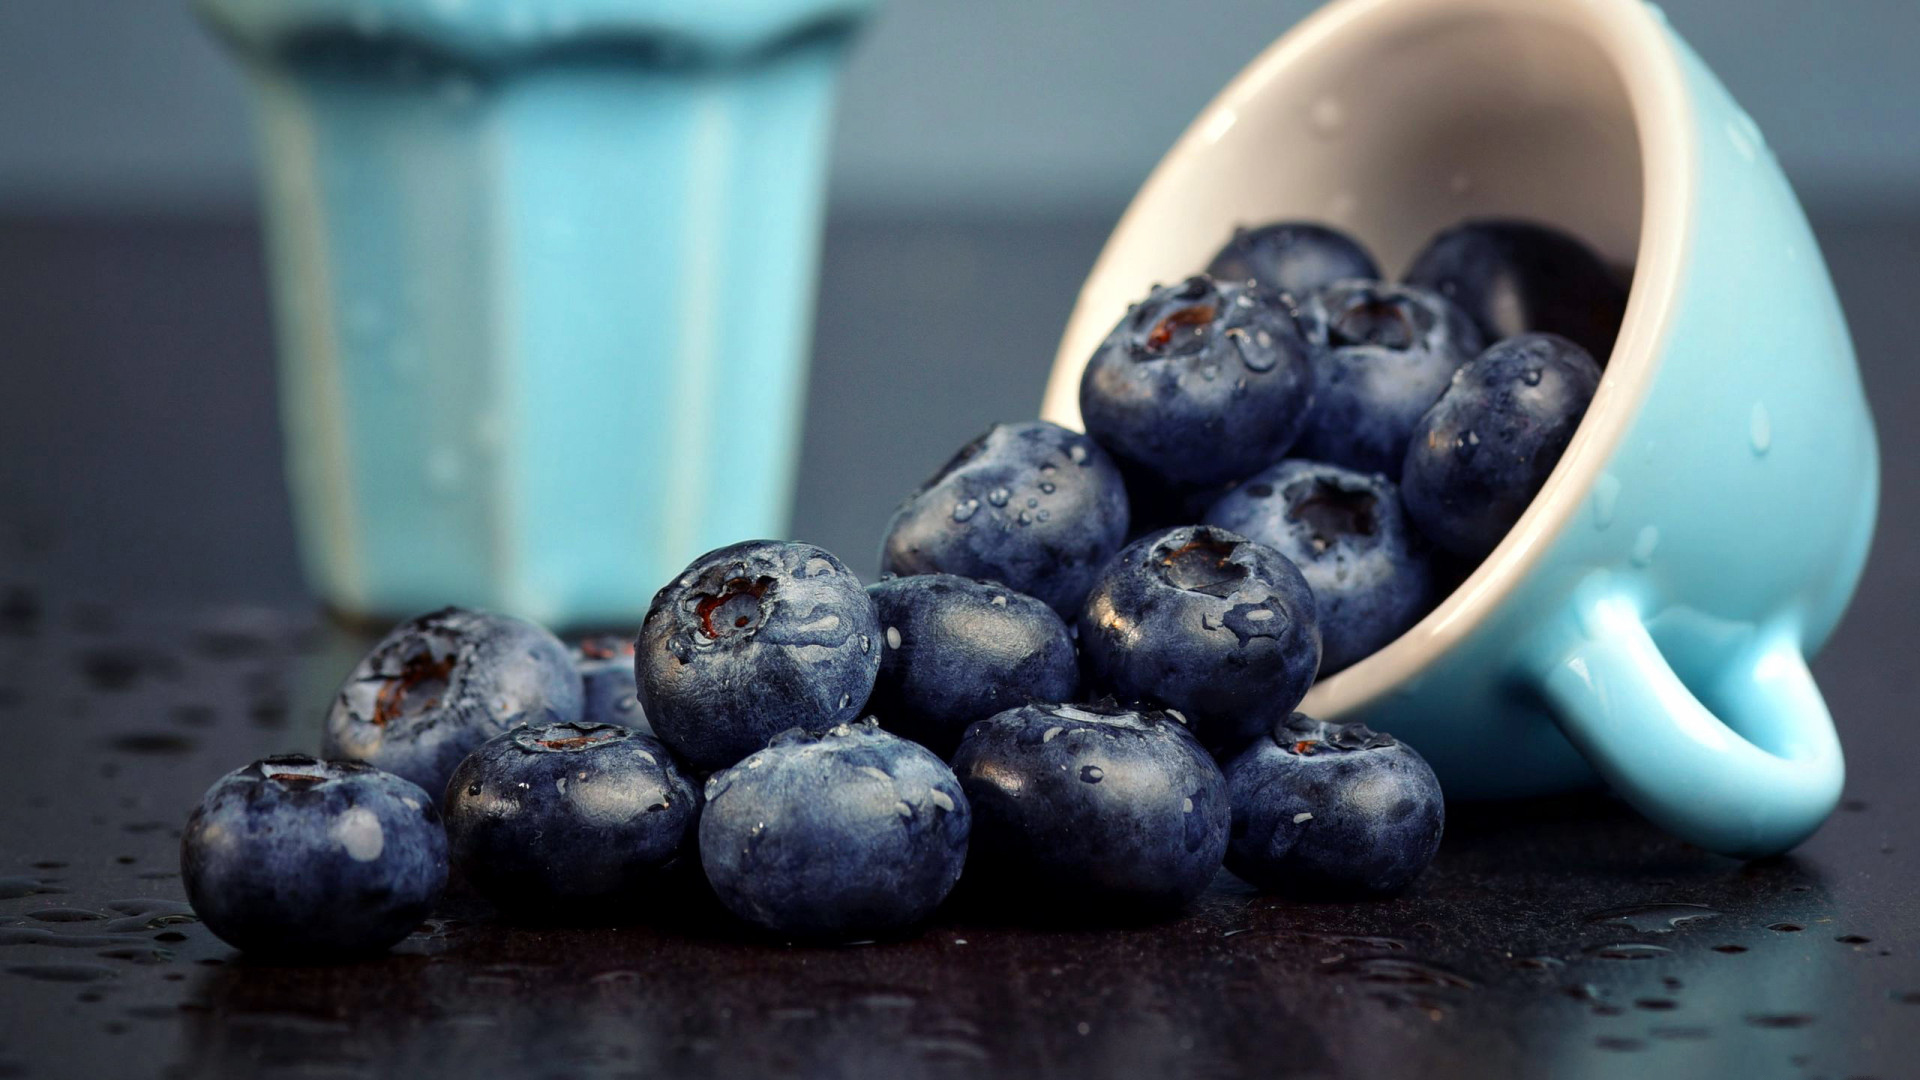 小清新,动感水果,蓝莓,水杯